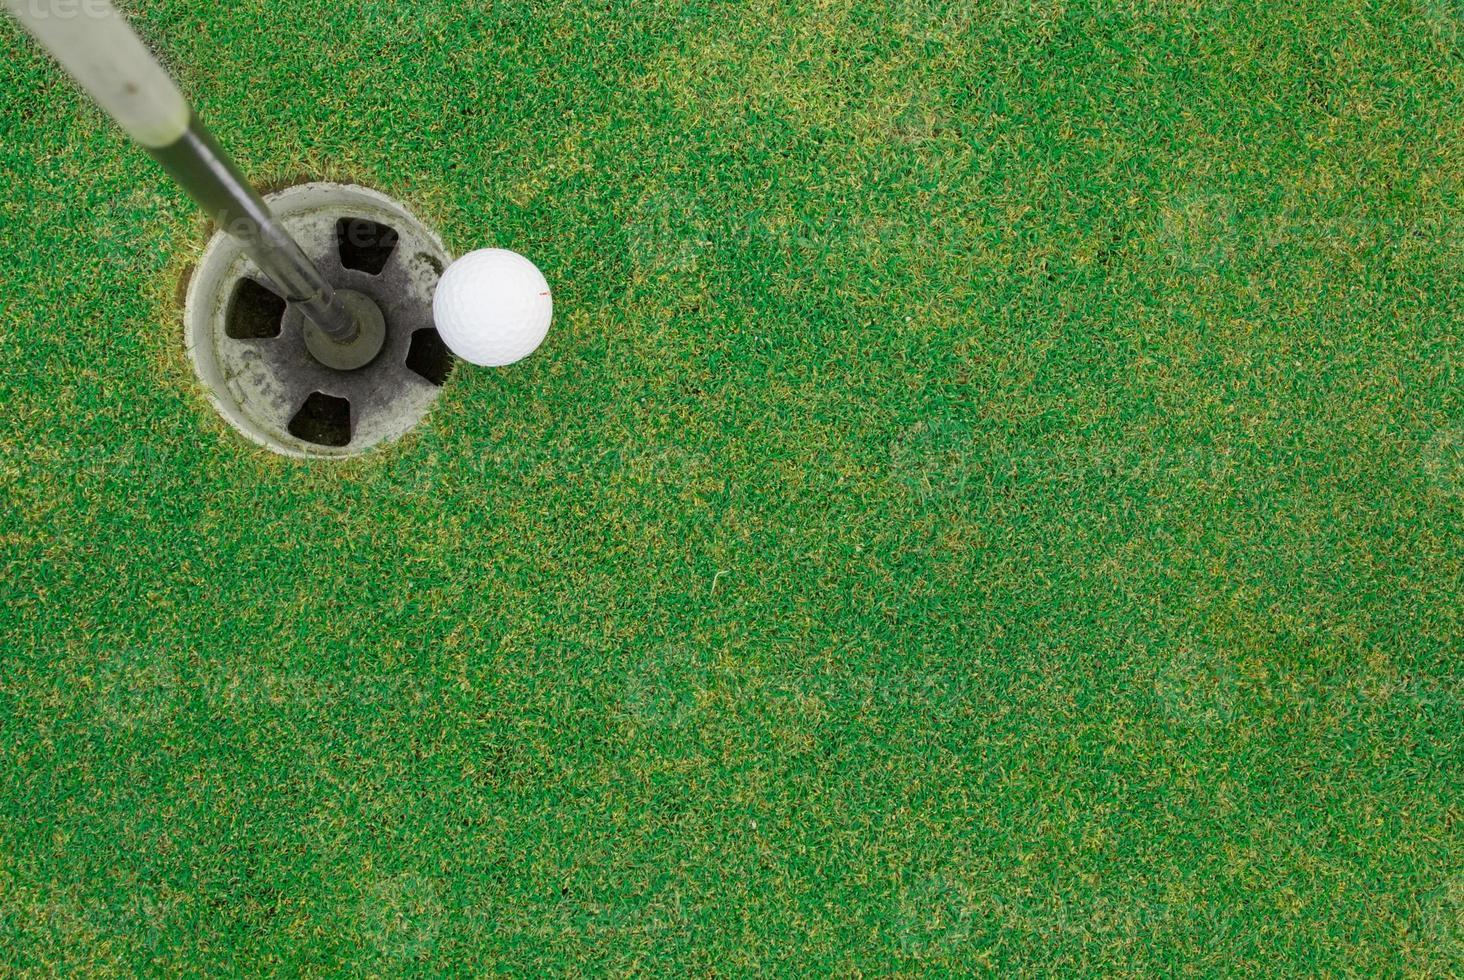 bola de golfe perto do buraco foto